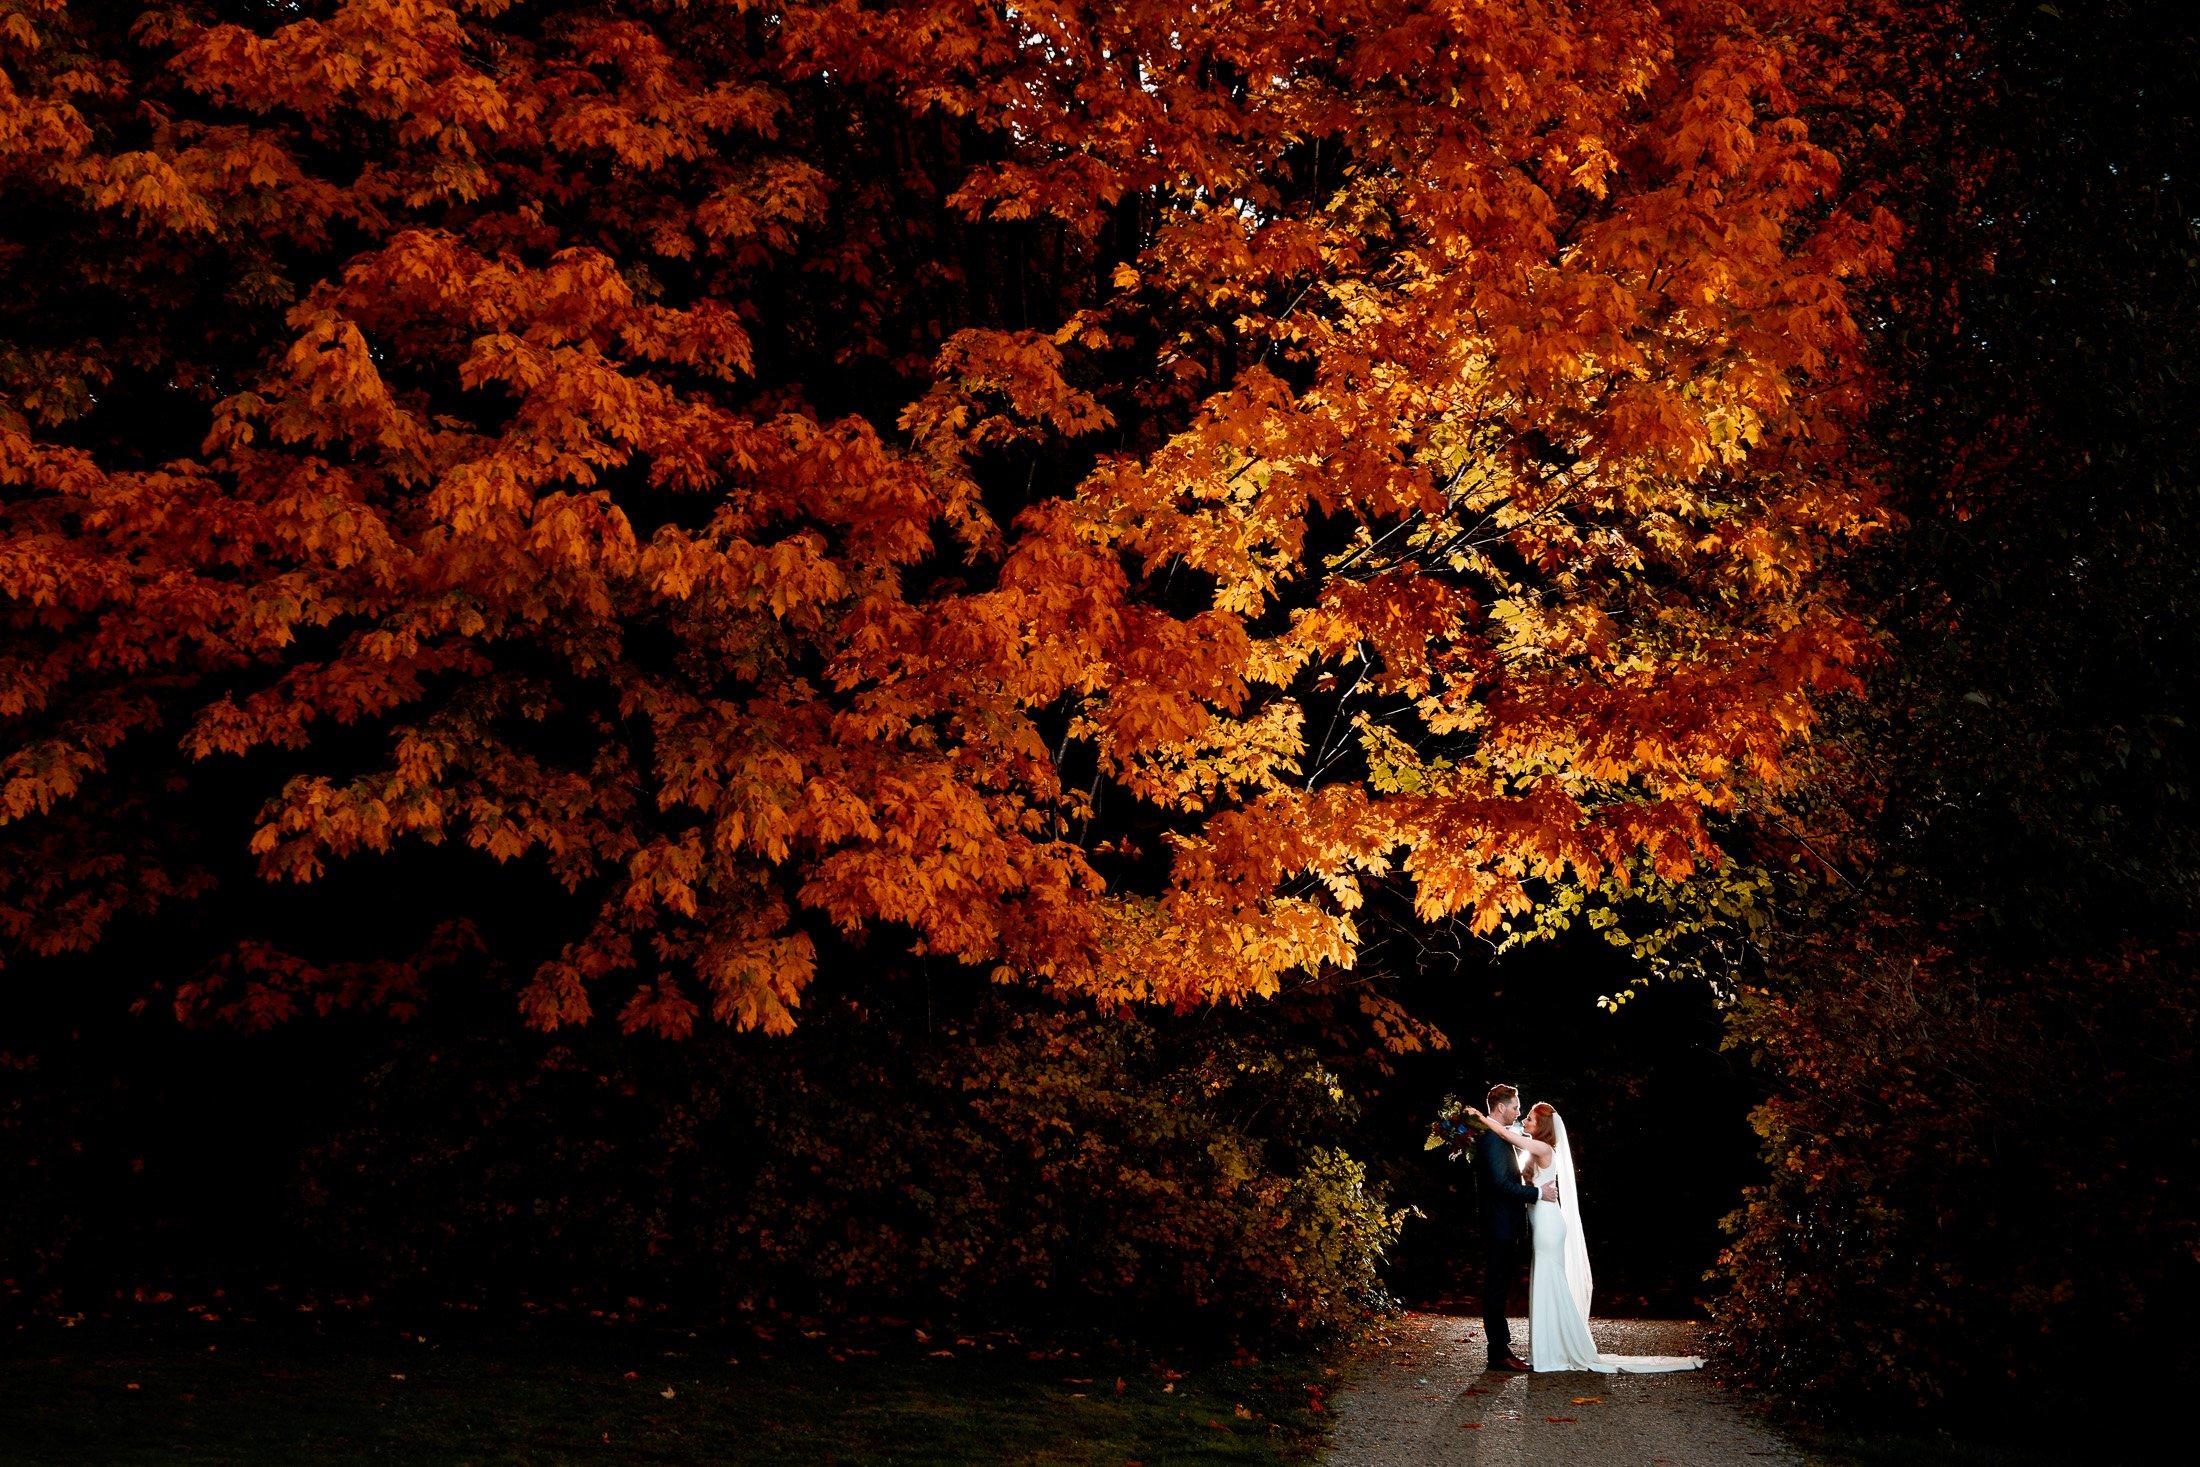 034 - fall wedding photos vancouver